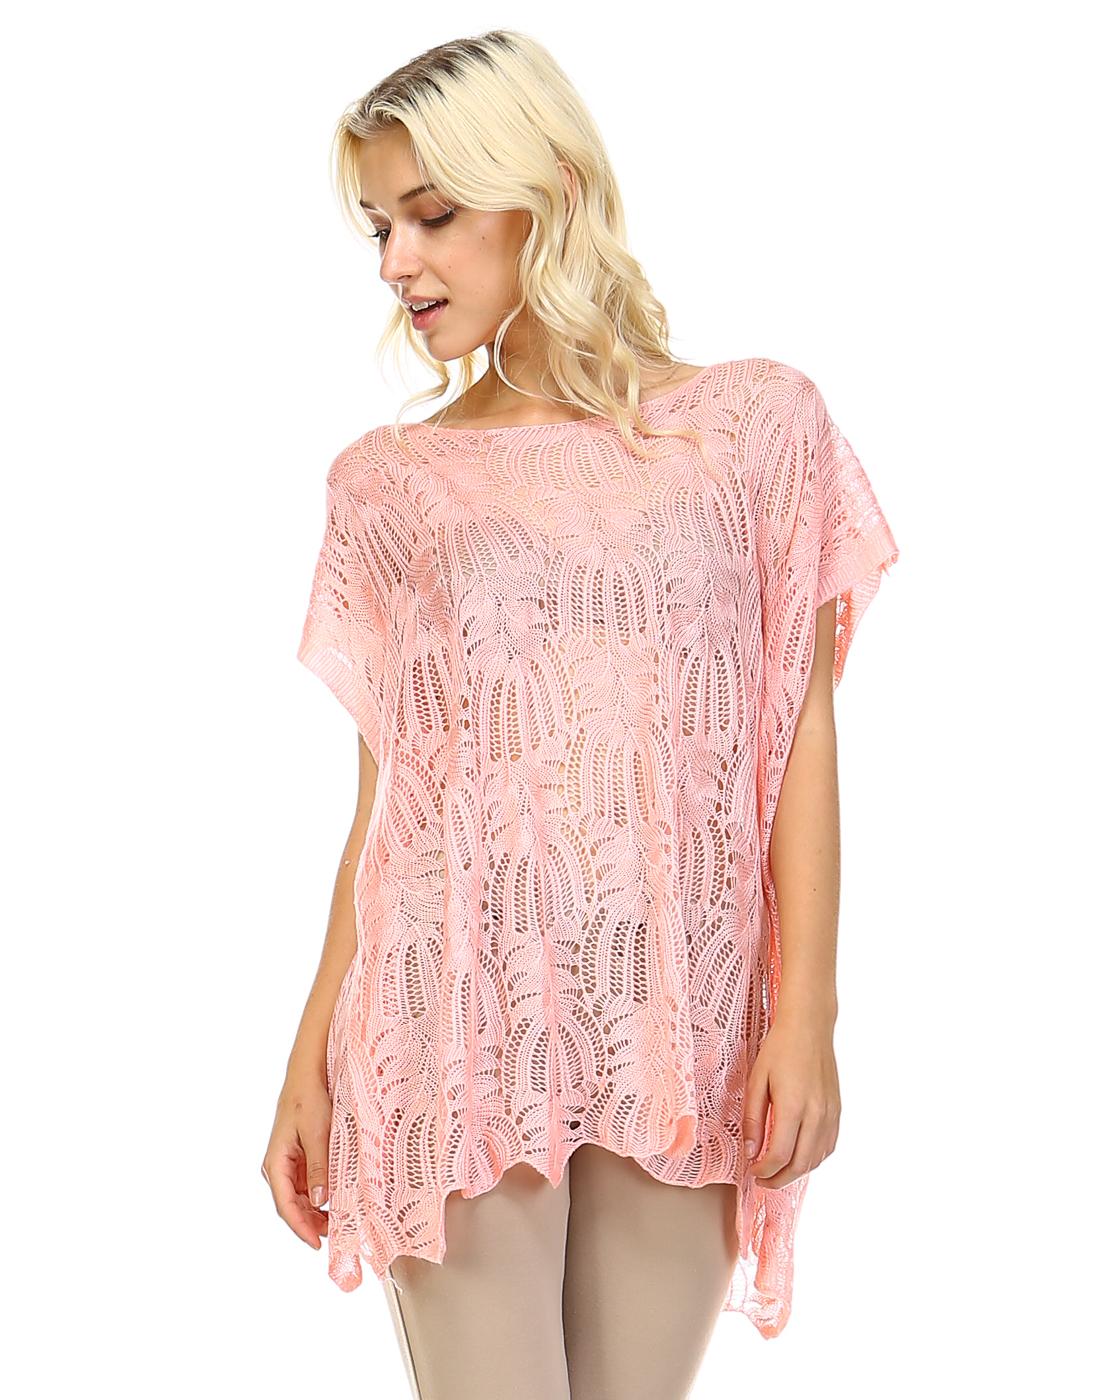 Blush clothing store